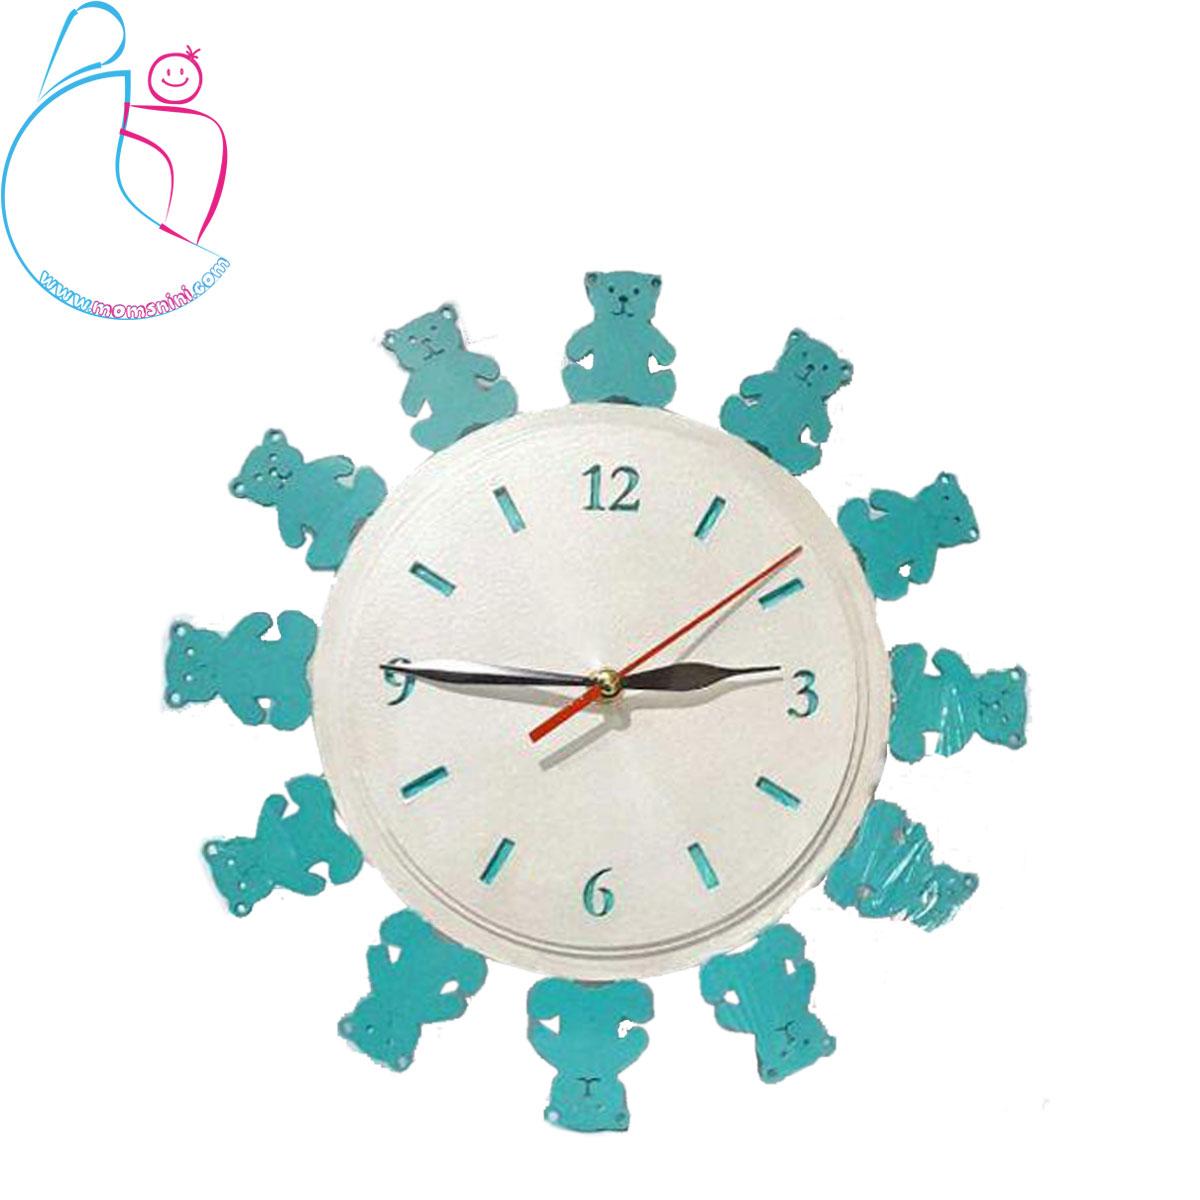 ساعت دیواری چوبی اتاق کودک پارمیس مدل خرس